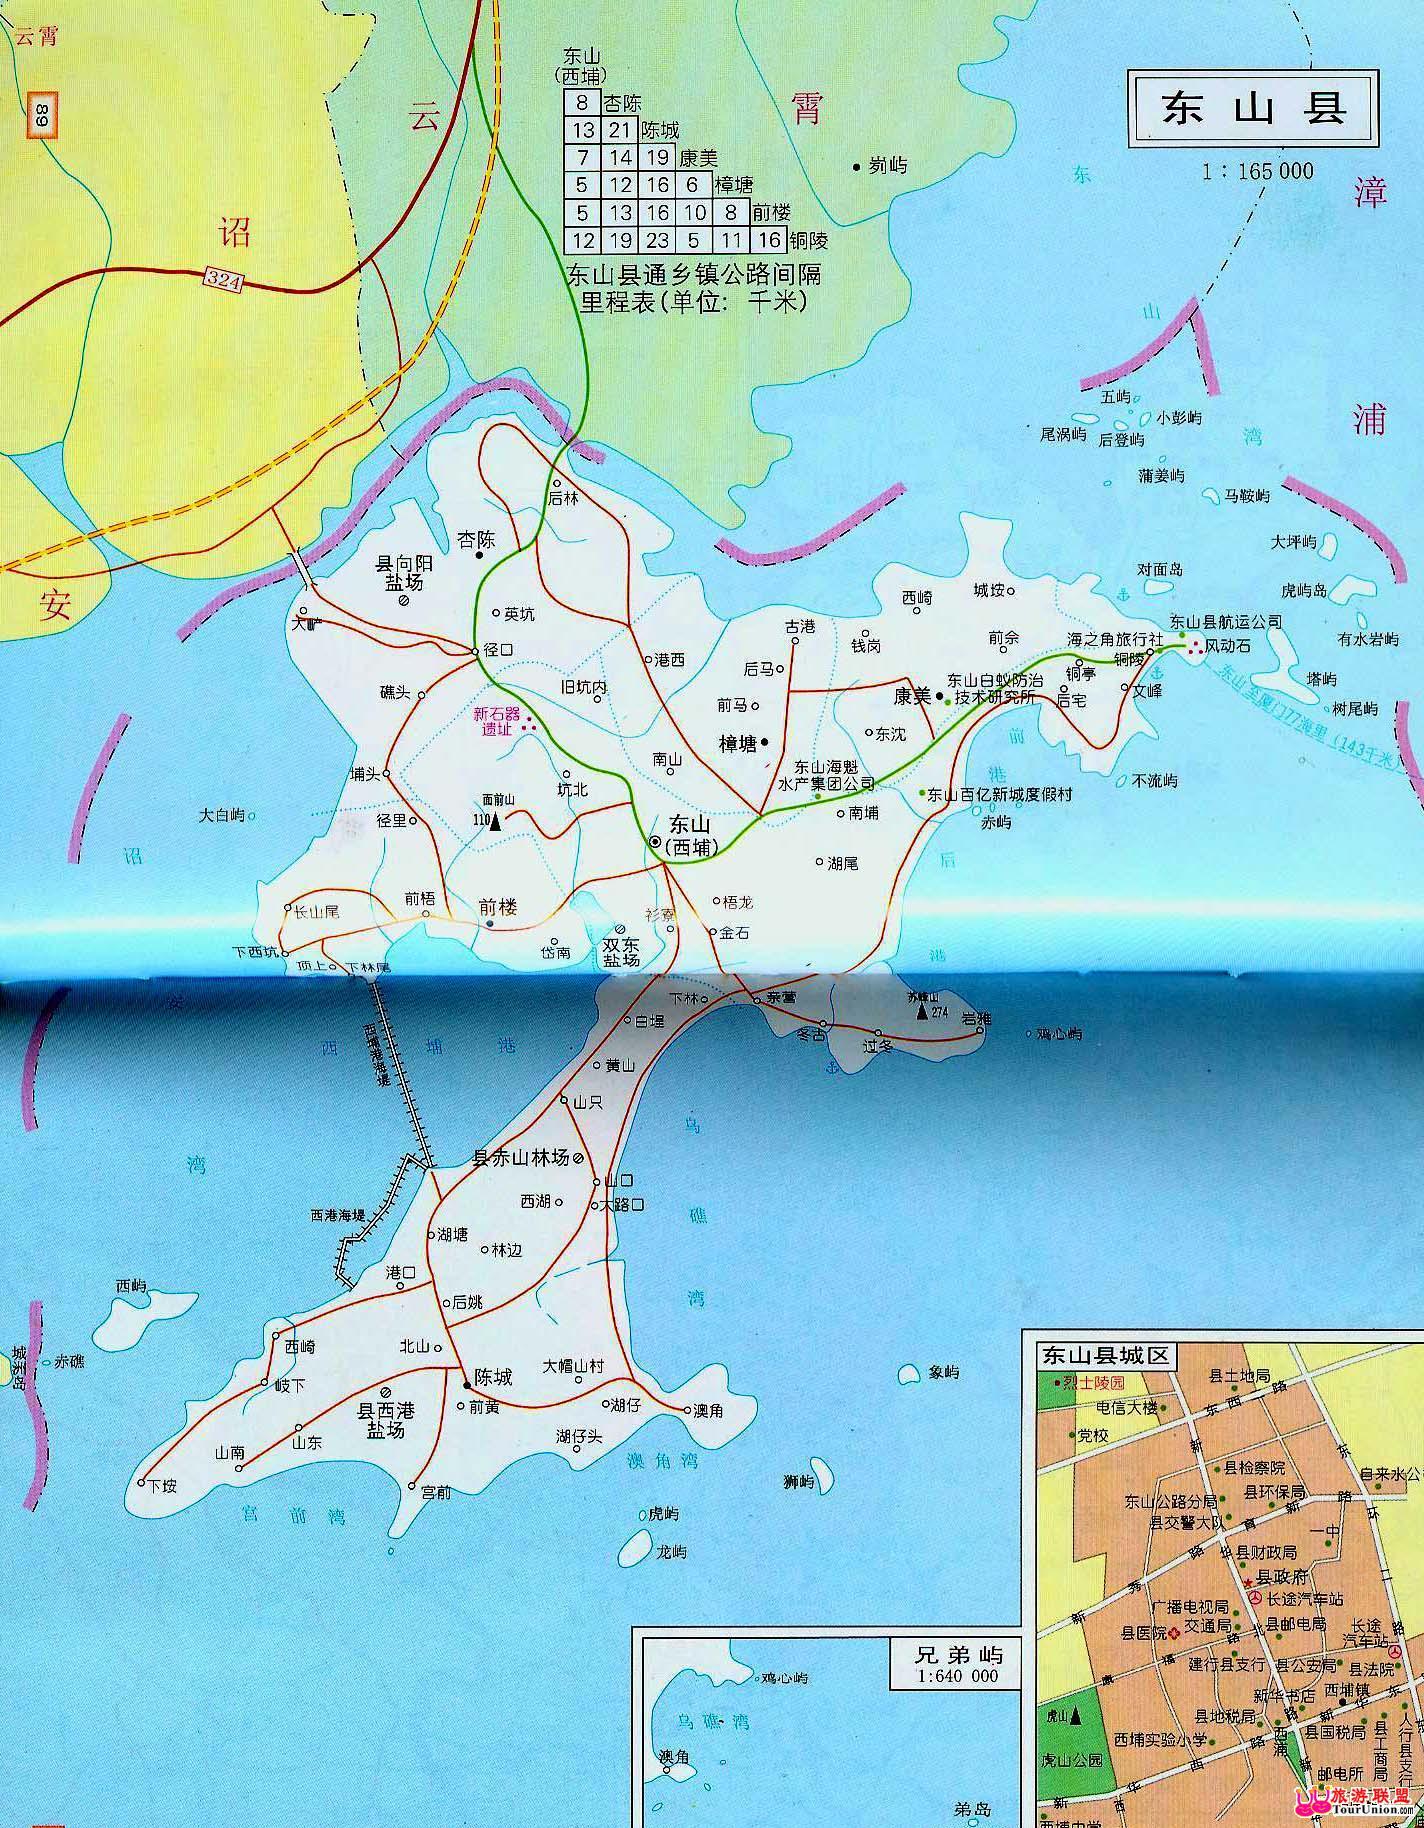 地图·东山风光图库·图行漳州 东山交通图;; 东山